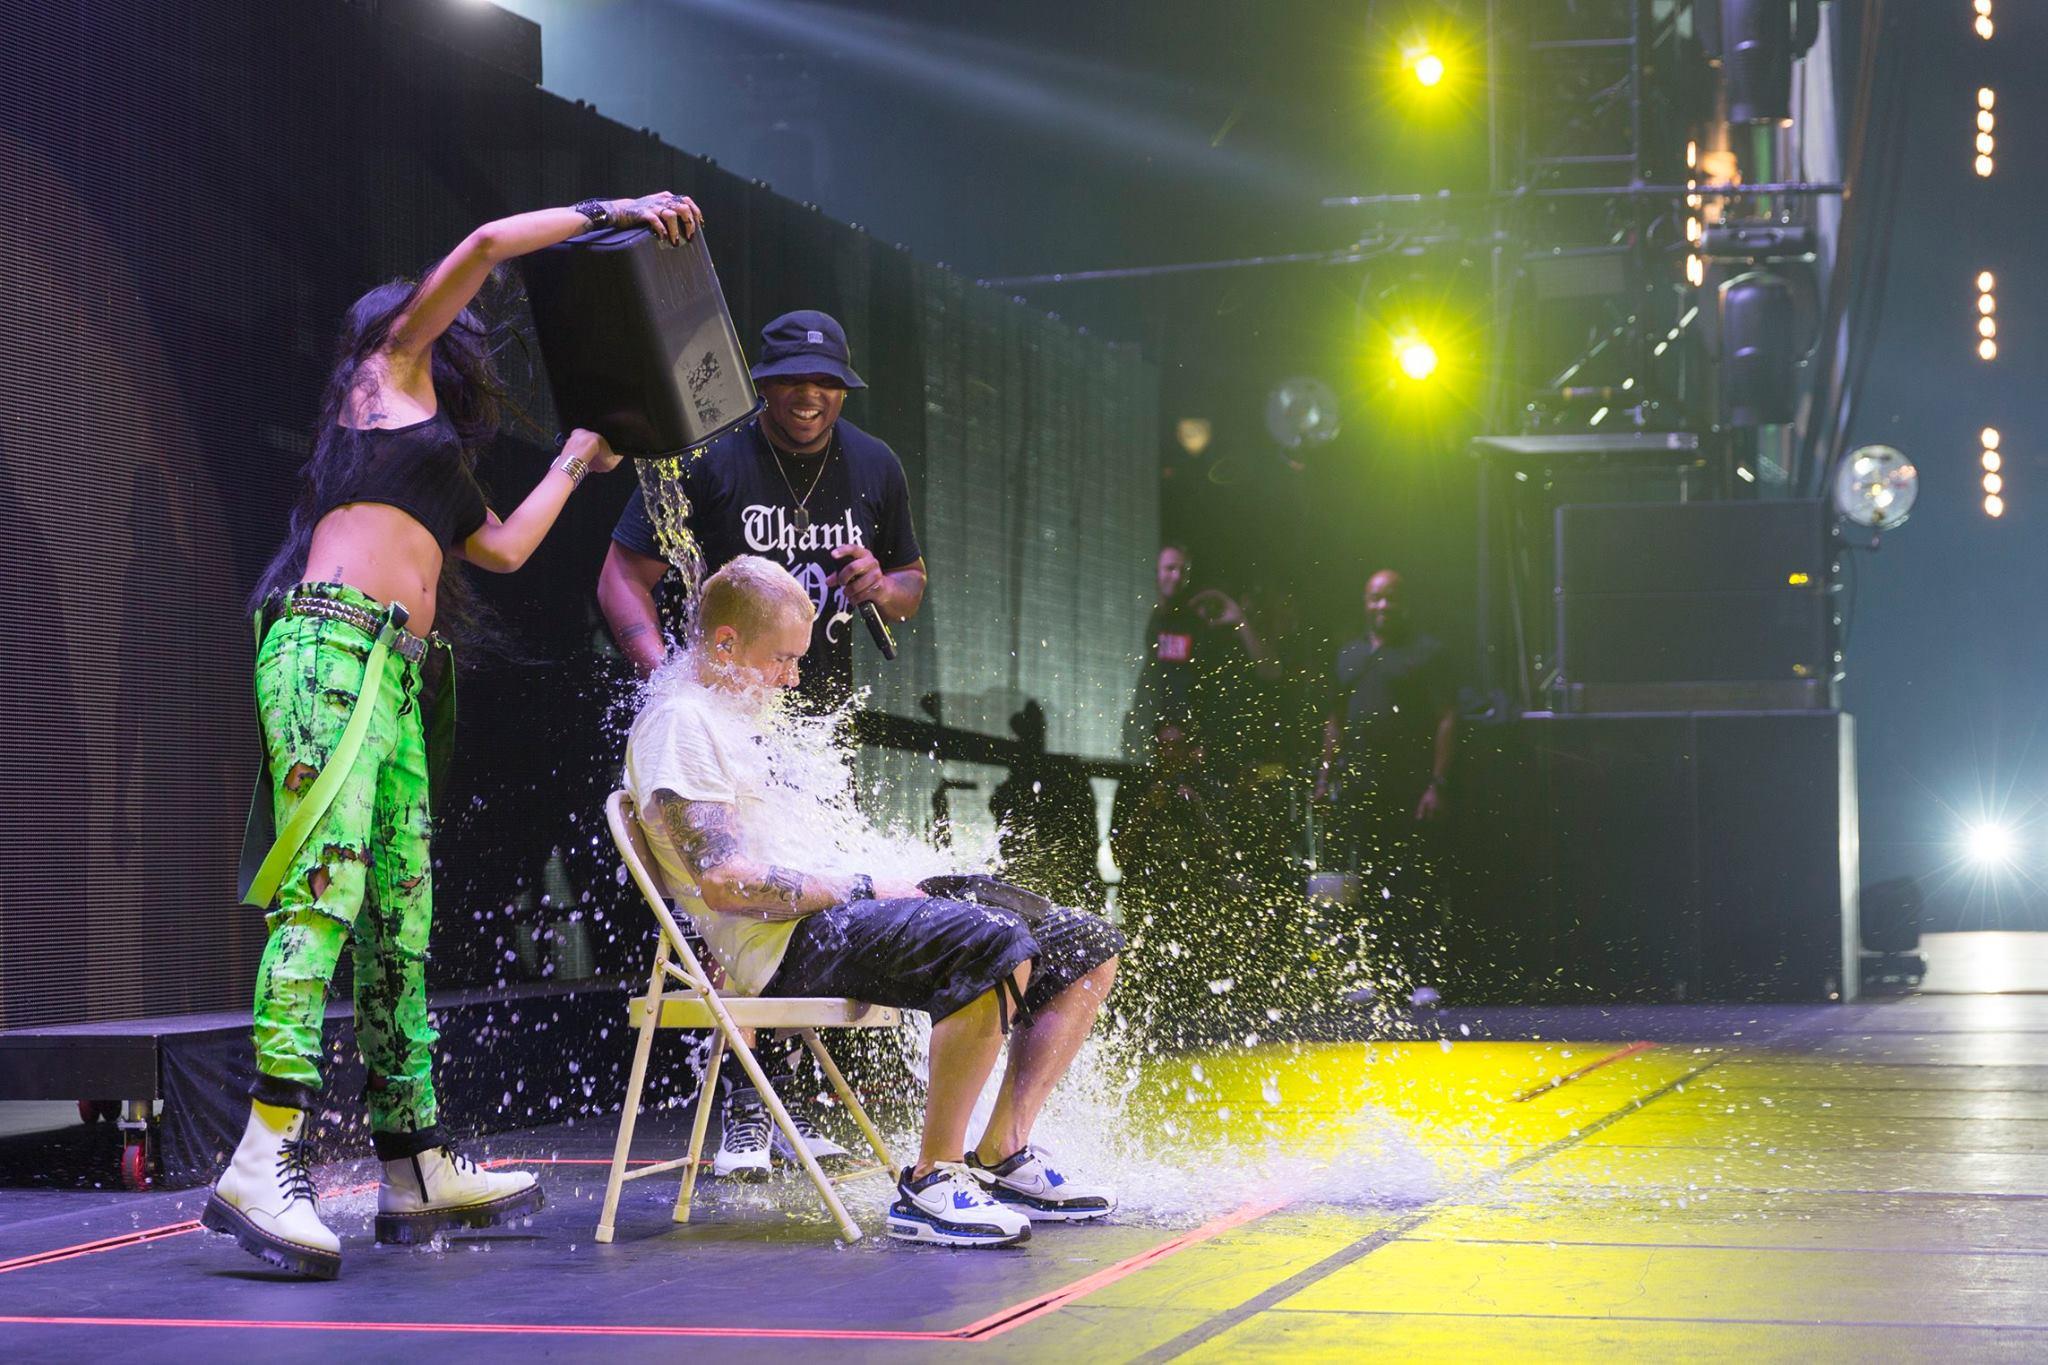 2014.08.23 - Eminem ALS Ice bucket Challenge